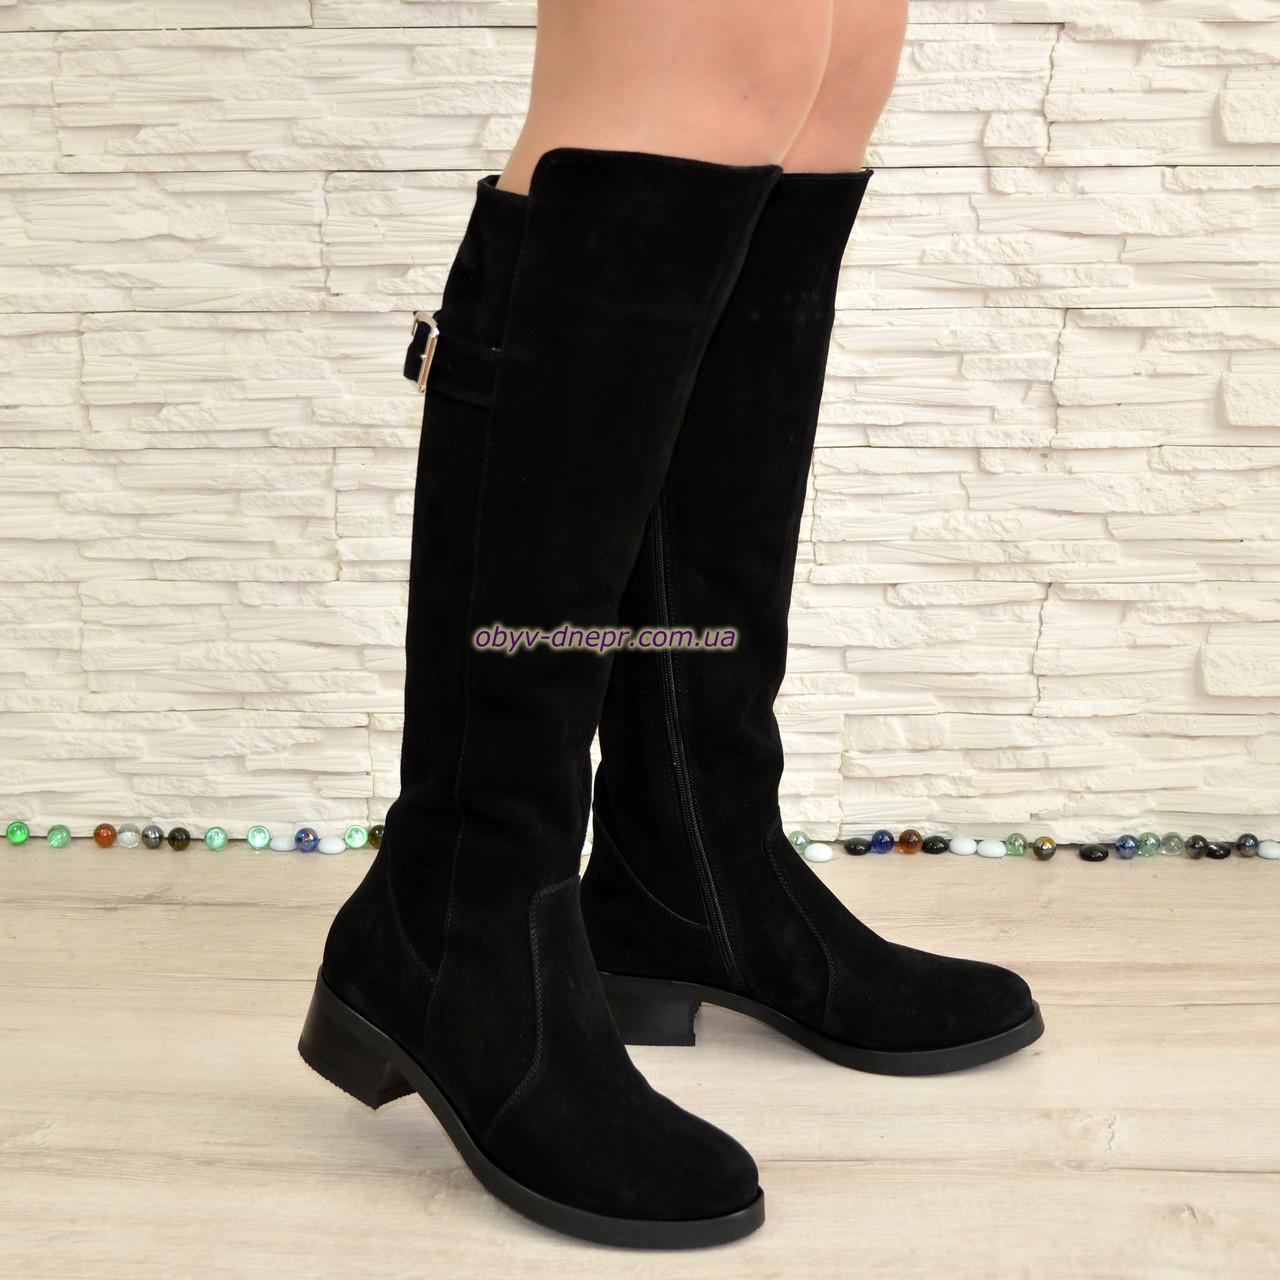 877f93408 Купить Сапоги черные женские зимние замшевые на невысоком устойчивом ...